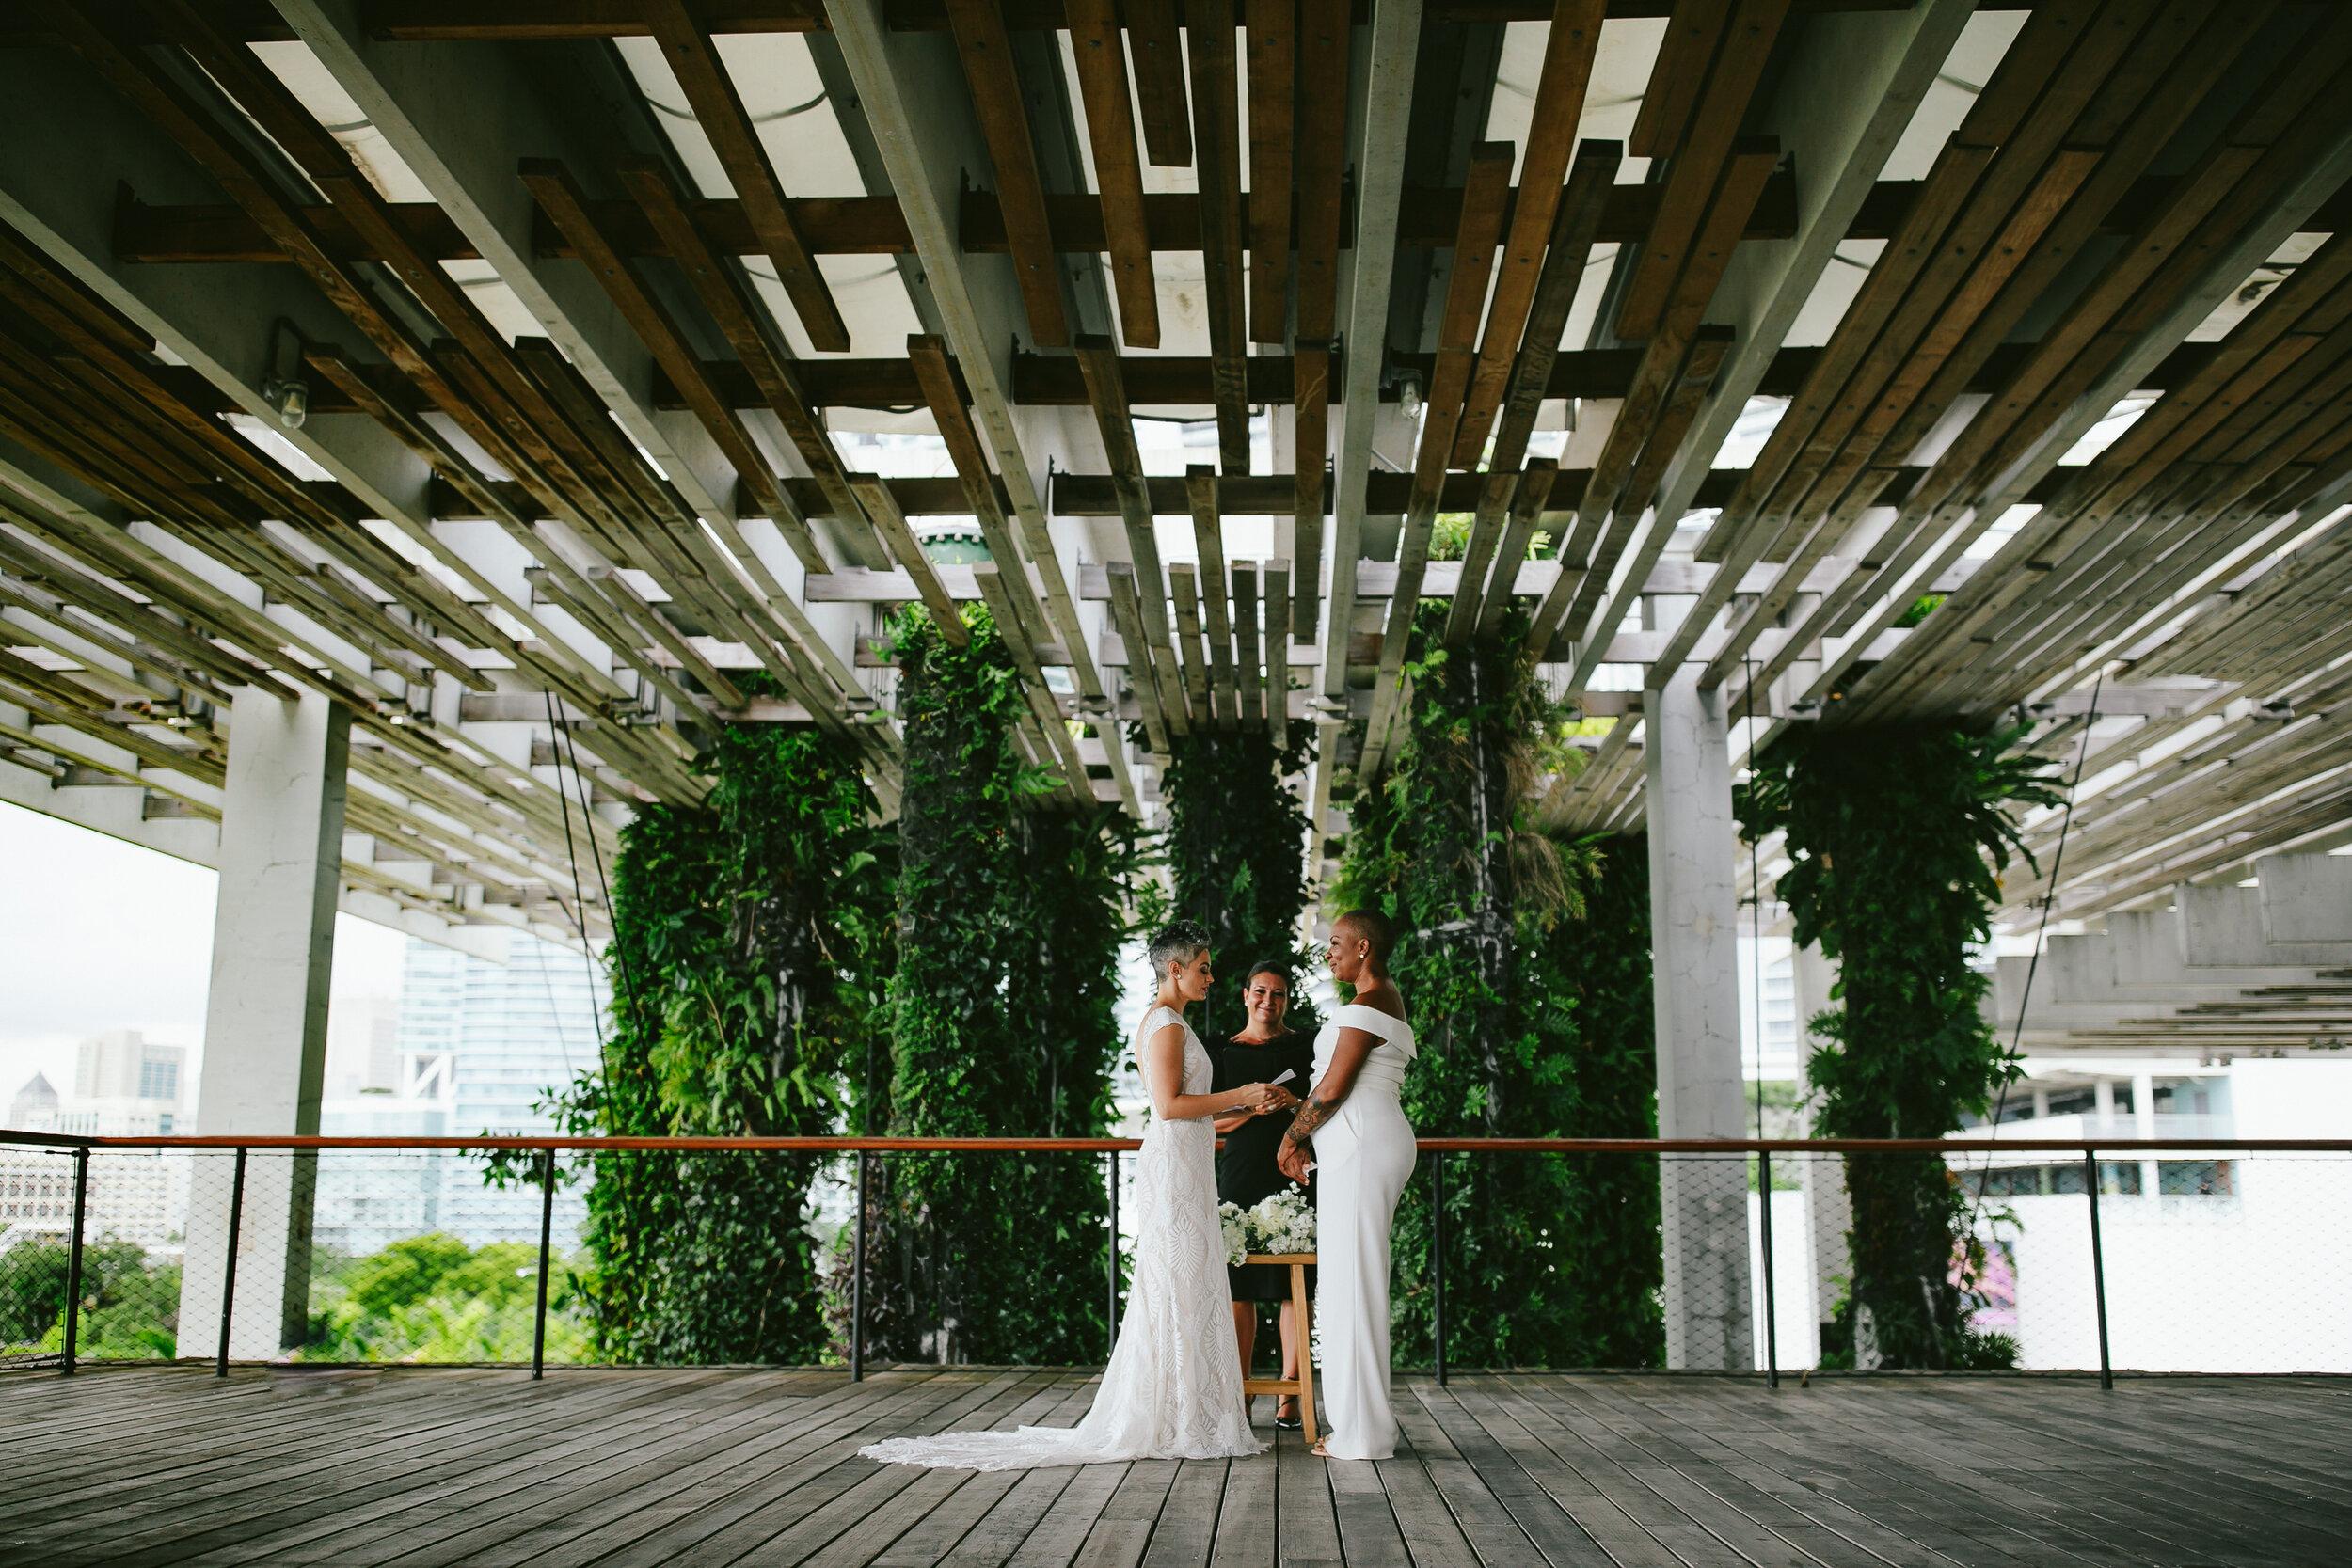 Miami Elopement Two Brides Tiny House Photo